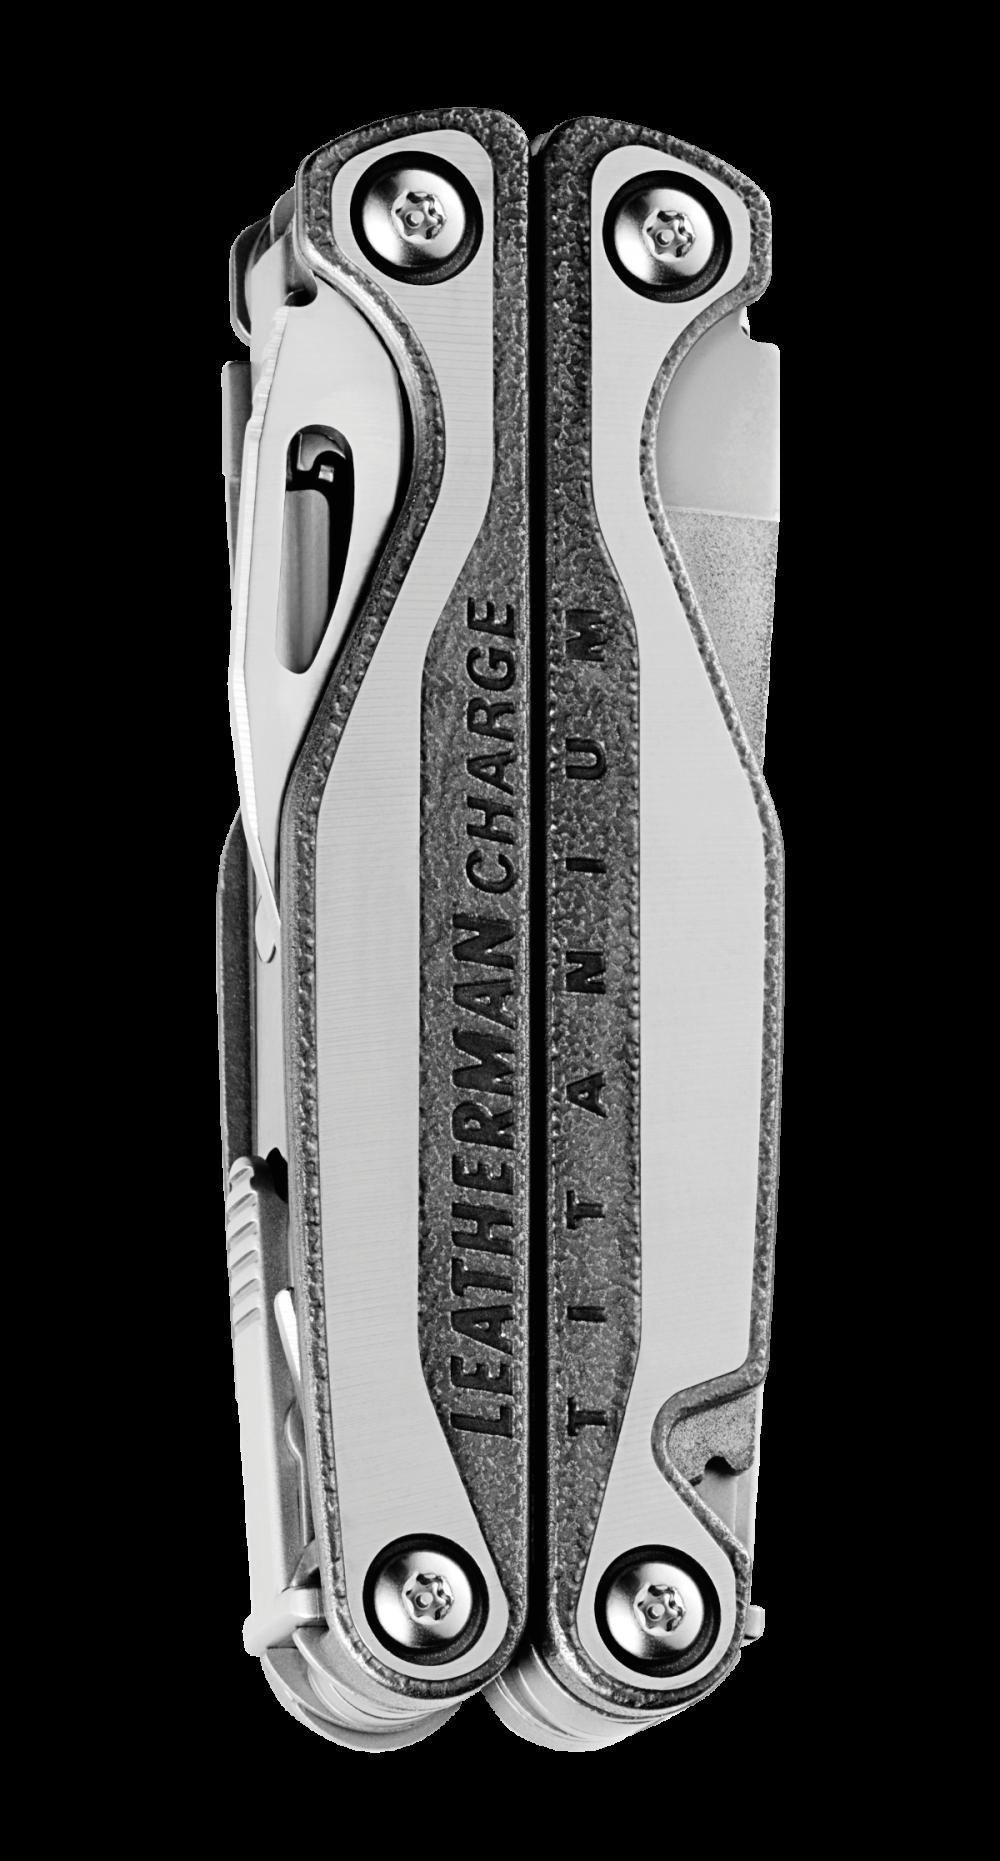 Charge TTI Plus-321